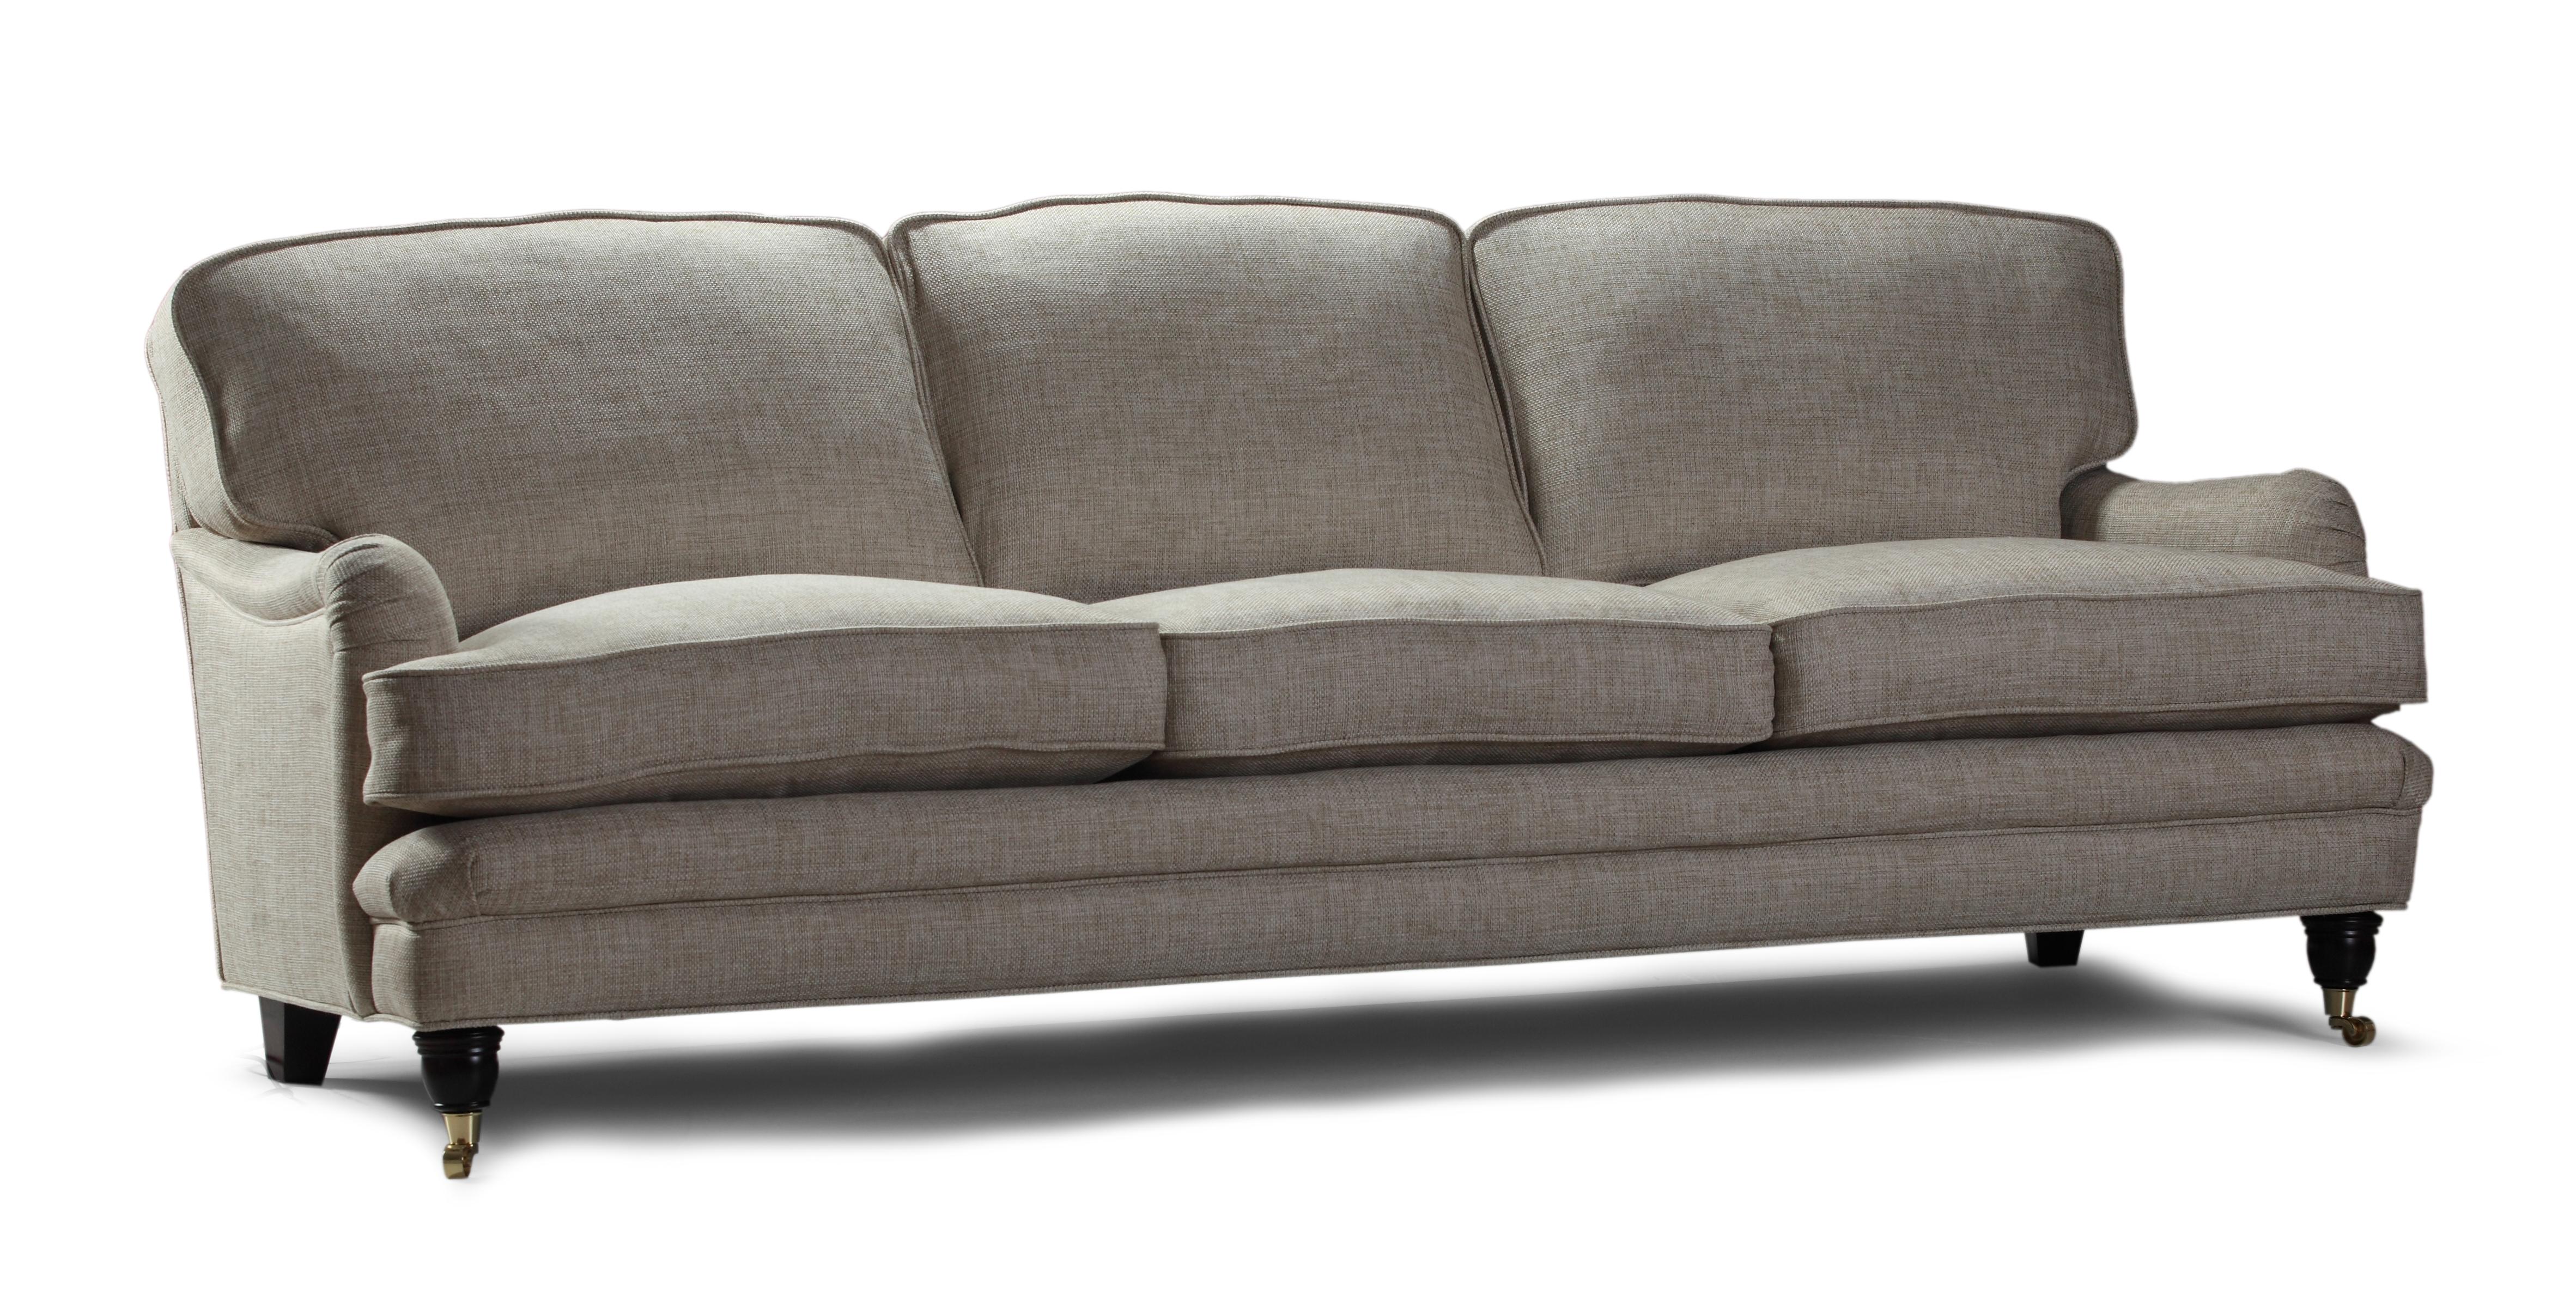 Canapea fixa 3 locuri tapitata cu stofa Ralf